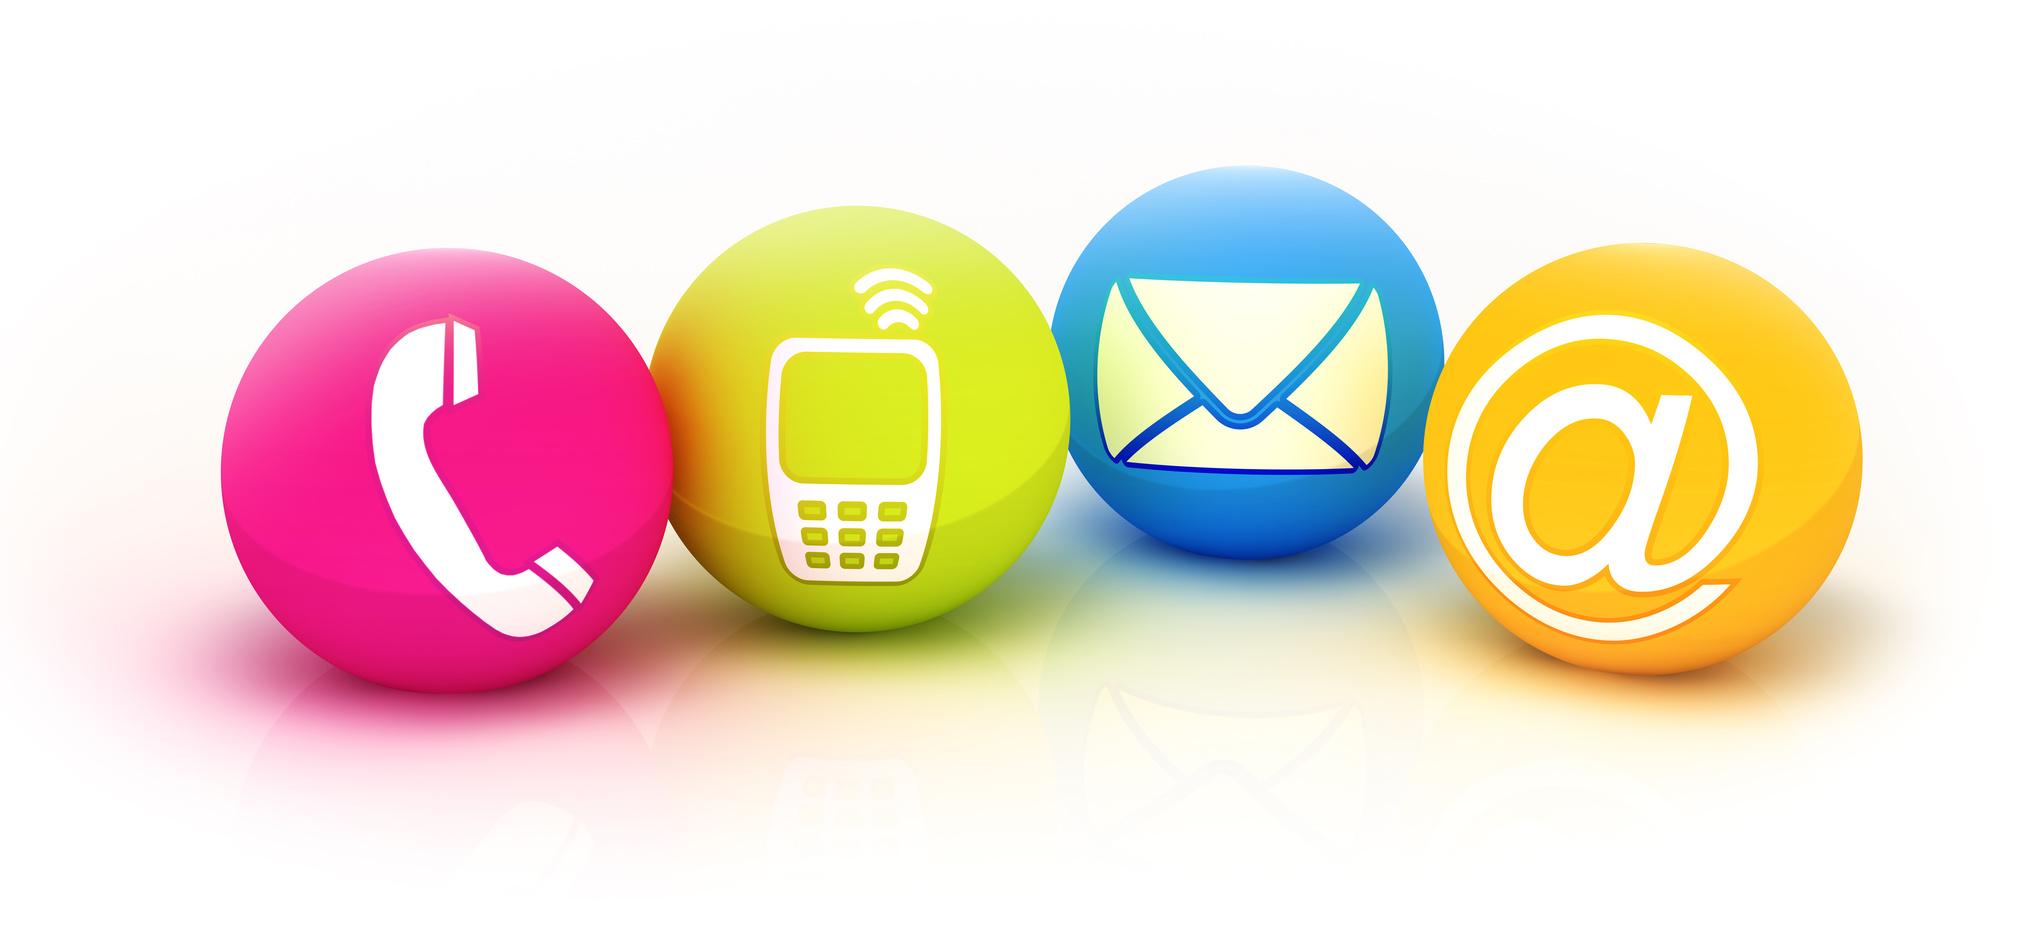 Vier farbenfrohe Kugeln in pink, grün, blau und orange mit Kontaktsymbolen (Telefonhörer, Smartphone, Brief und einem at Zeichen)